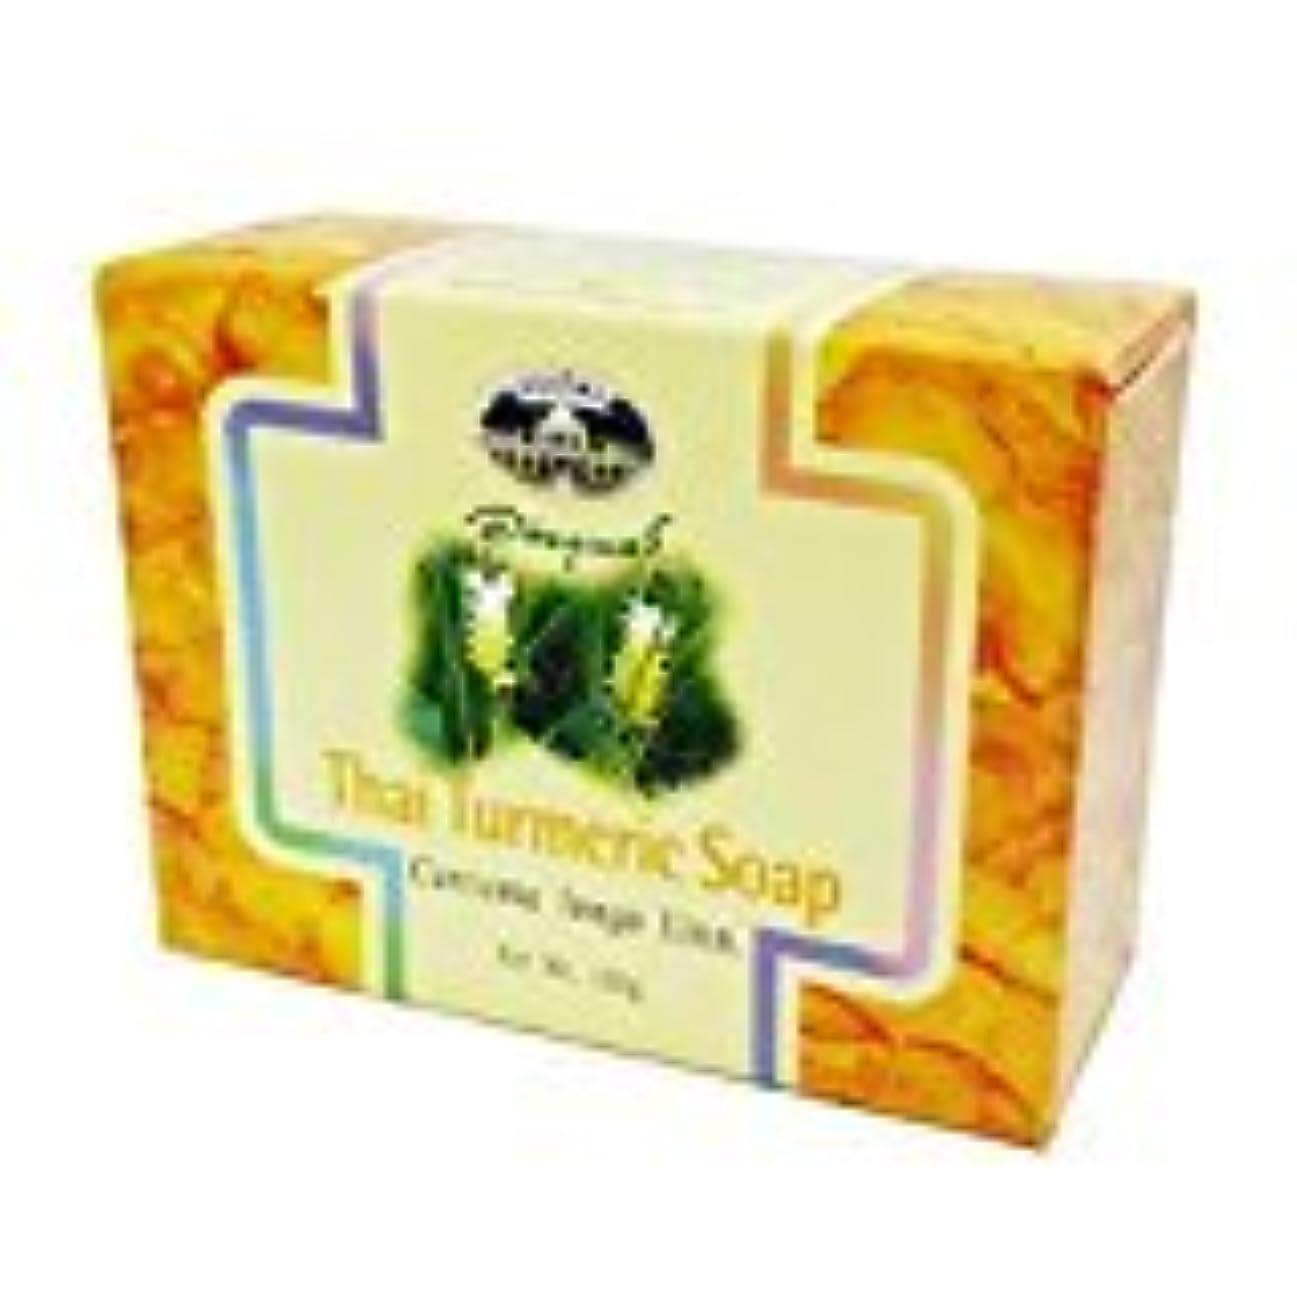 ばかげた領収書ドラゴンウコン石けん abhaibhubejhr Turmeric soap 100g